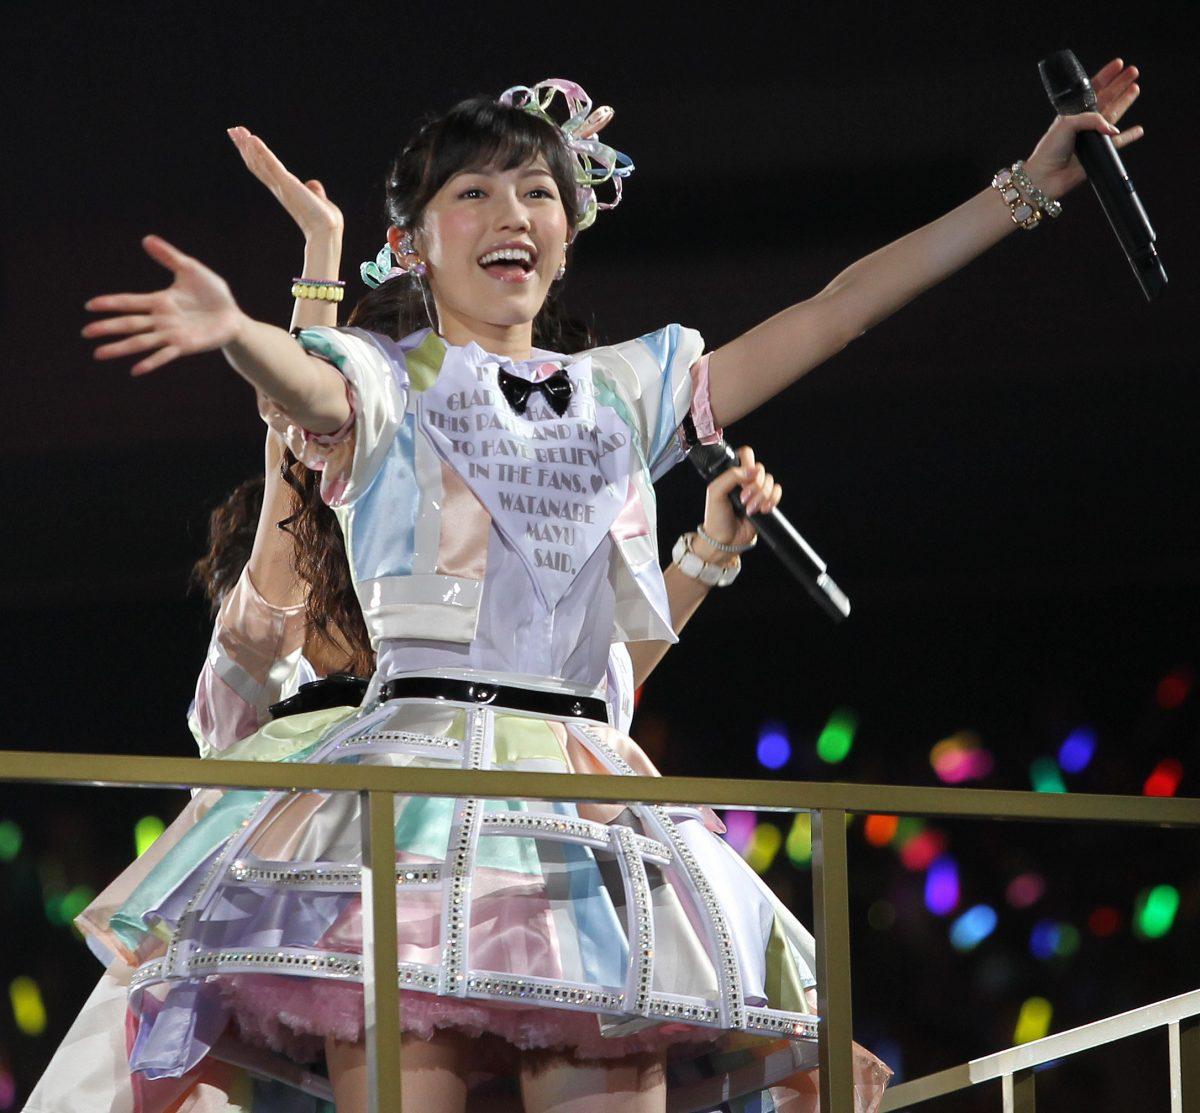 元AKB48・渡辺麻友がミュージカルに挑戦! 主演女優への道は◯◯から始まった?